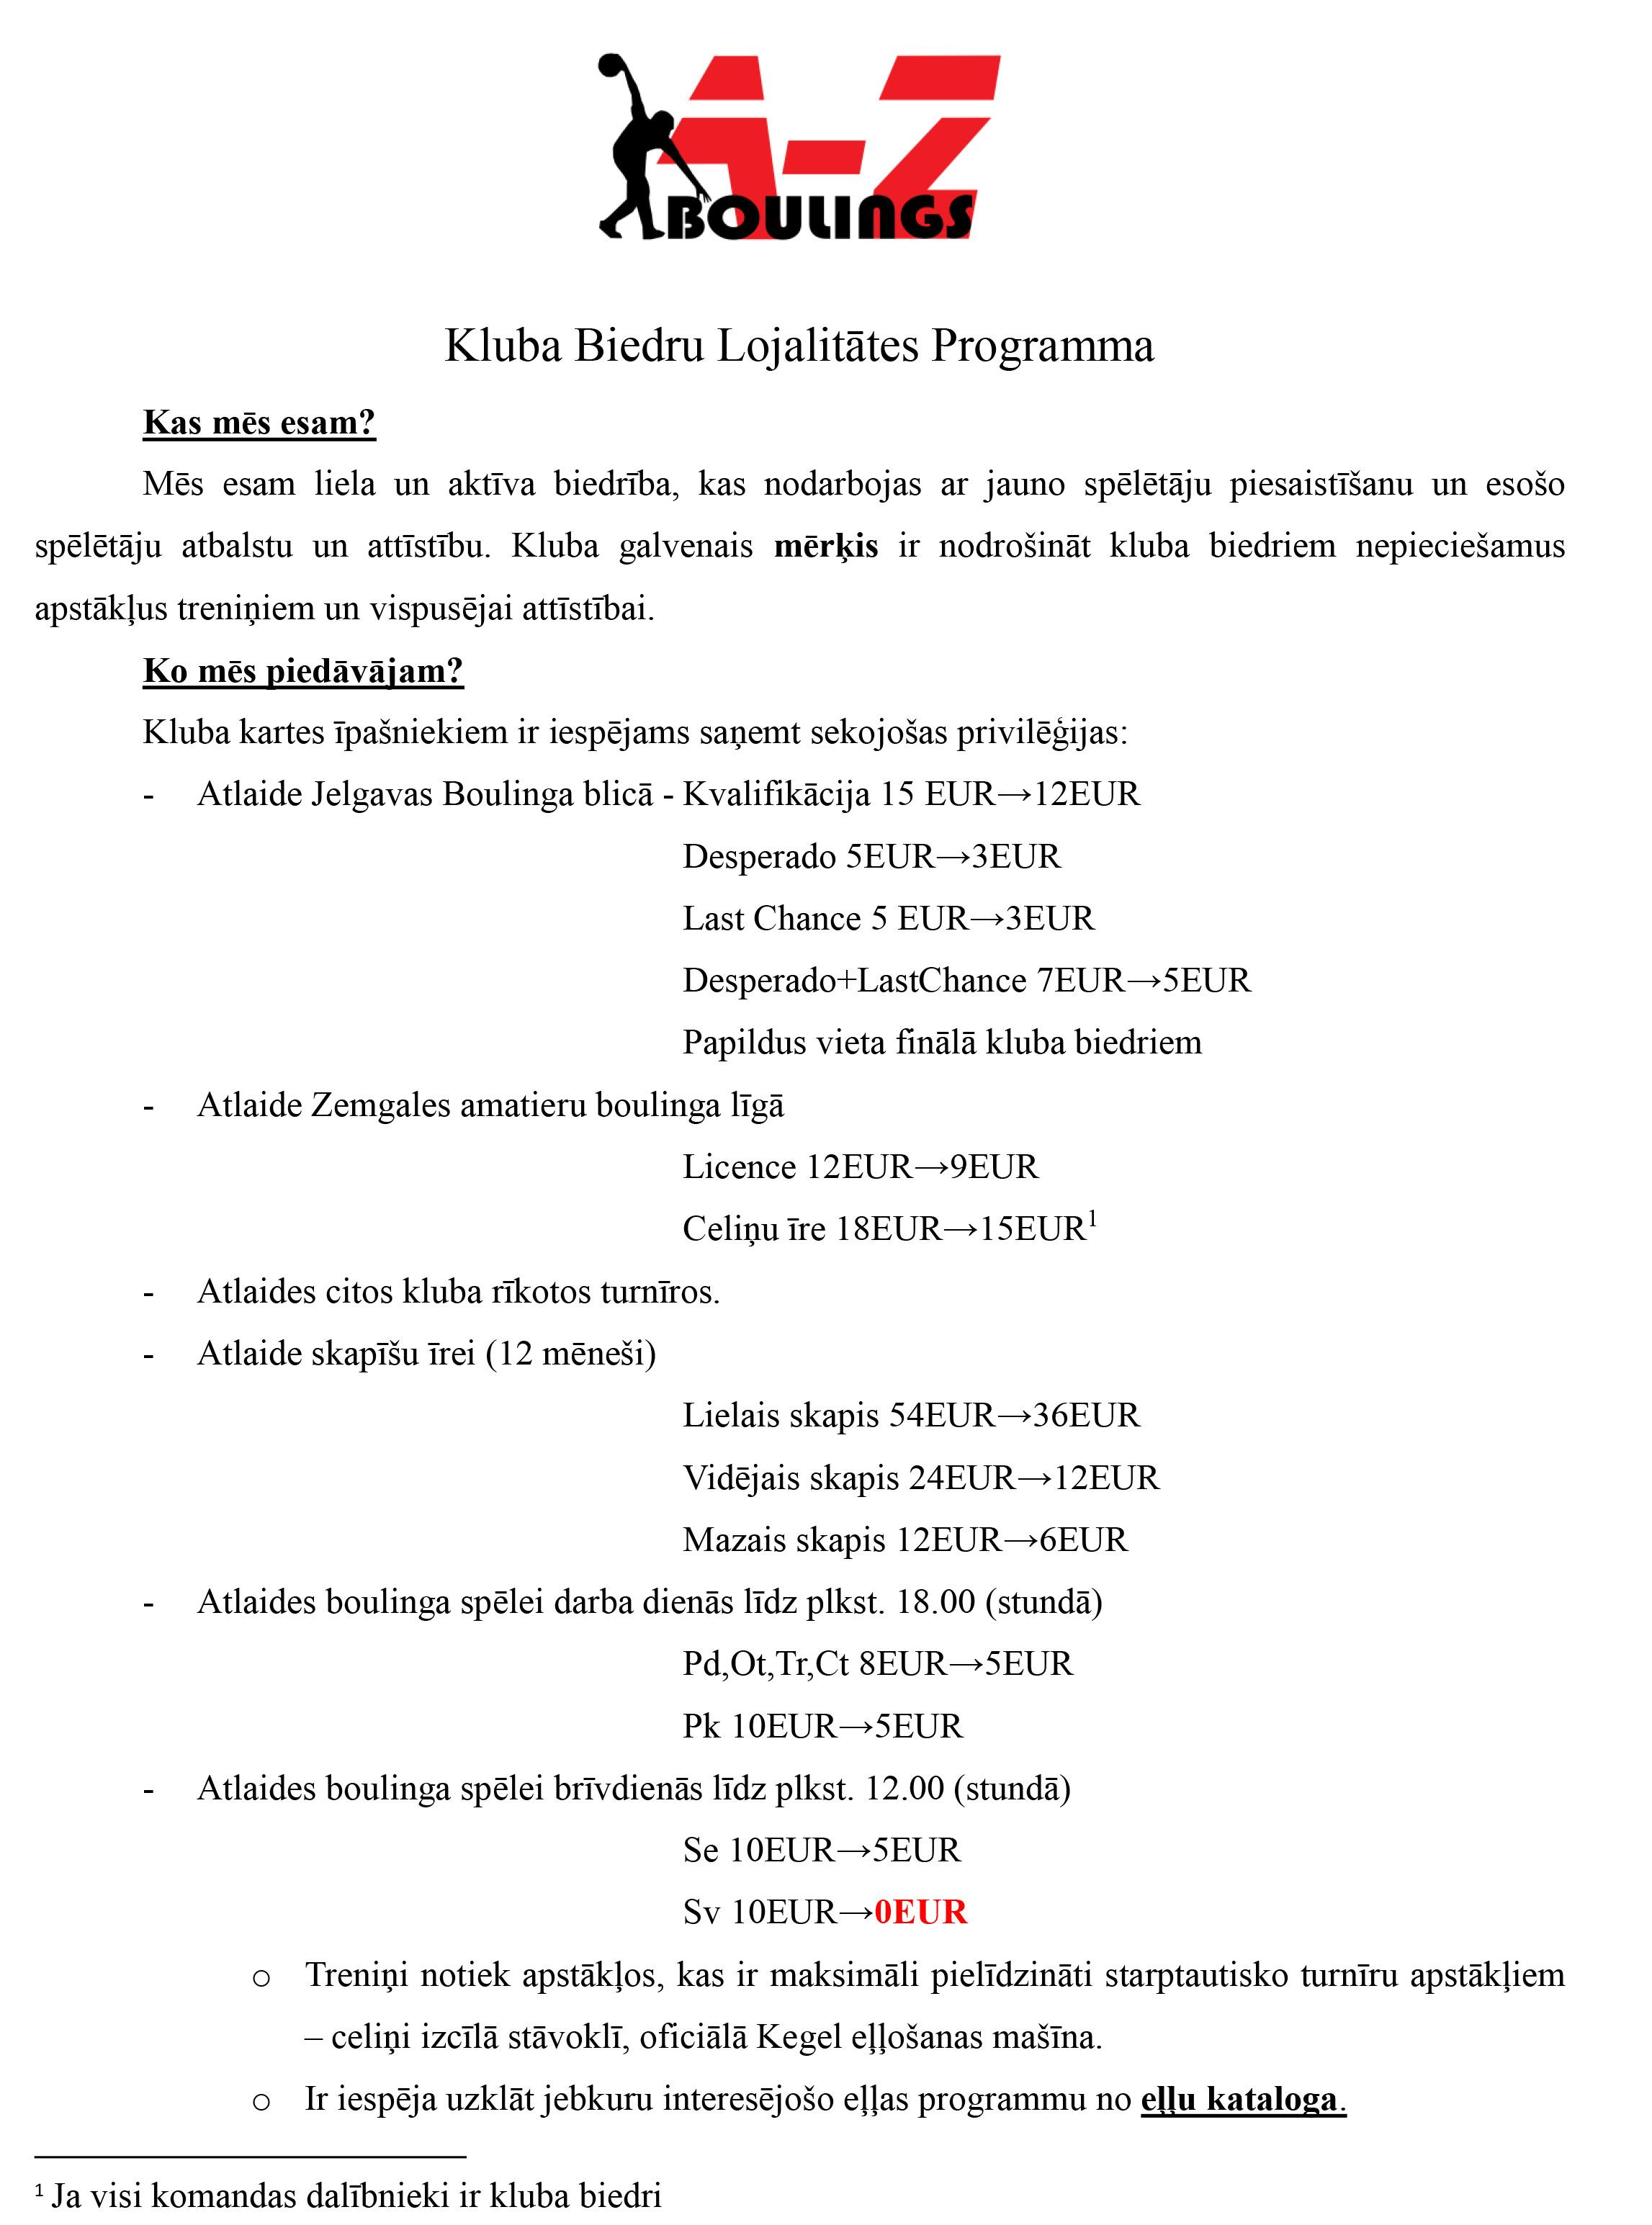 Kluba biedru lojalitātes Programma-1.jpg